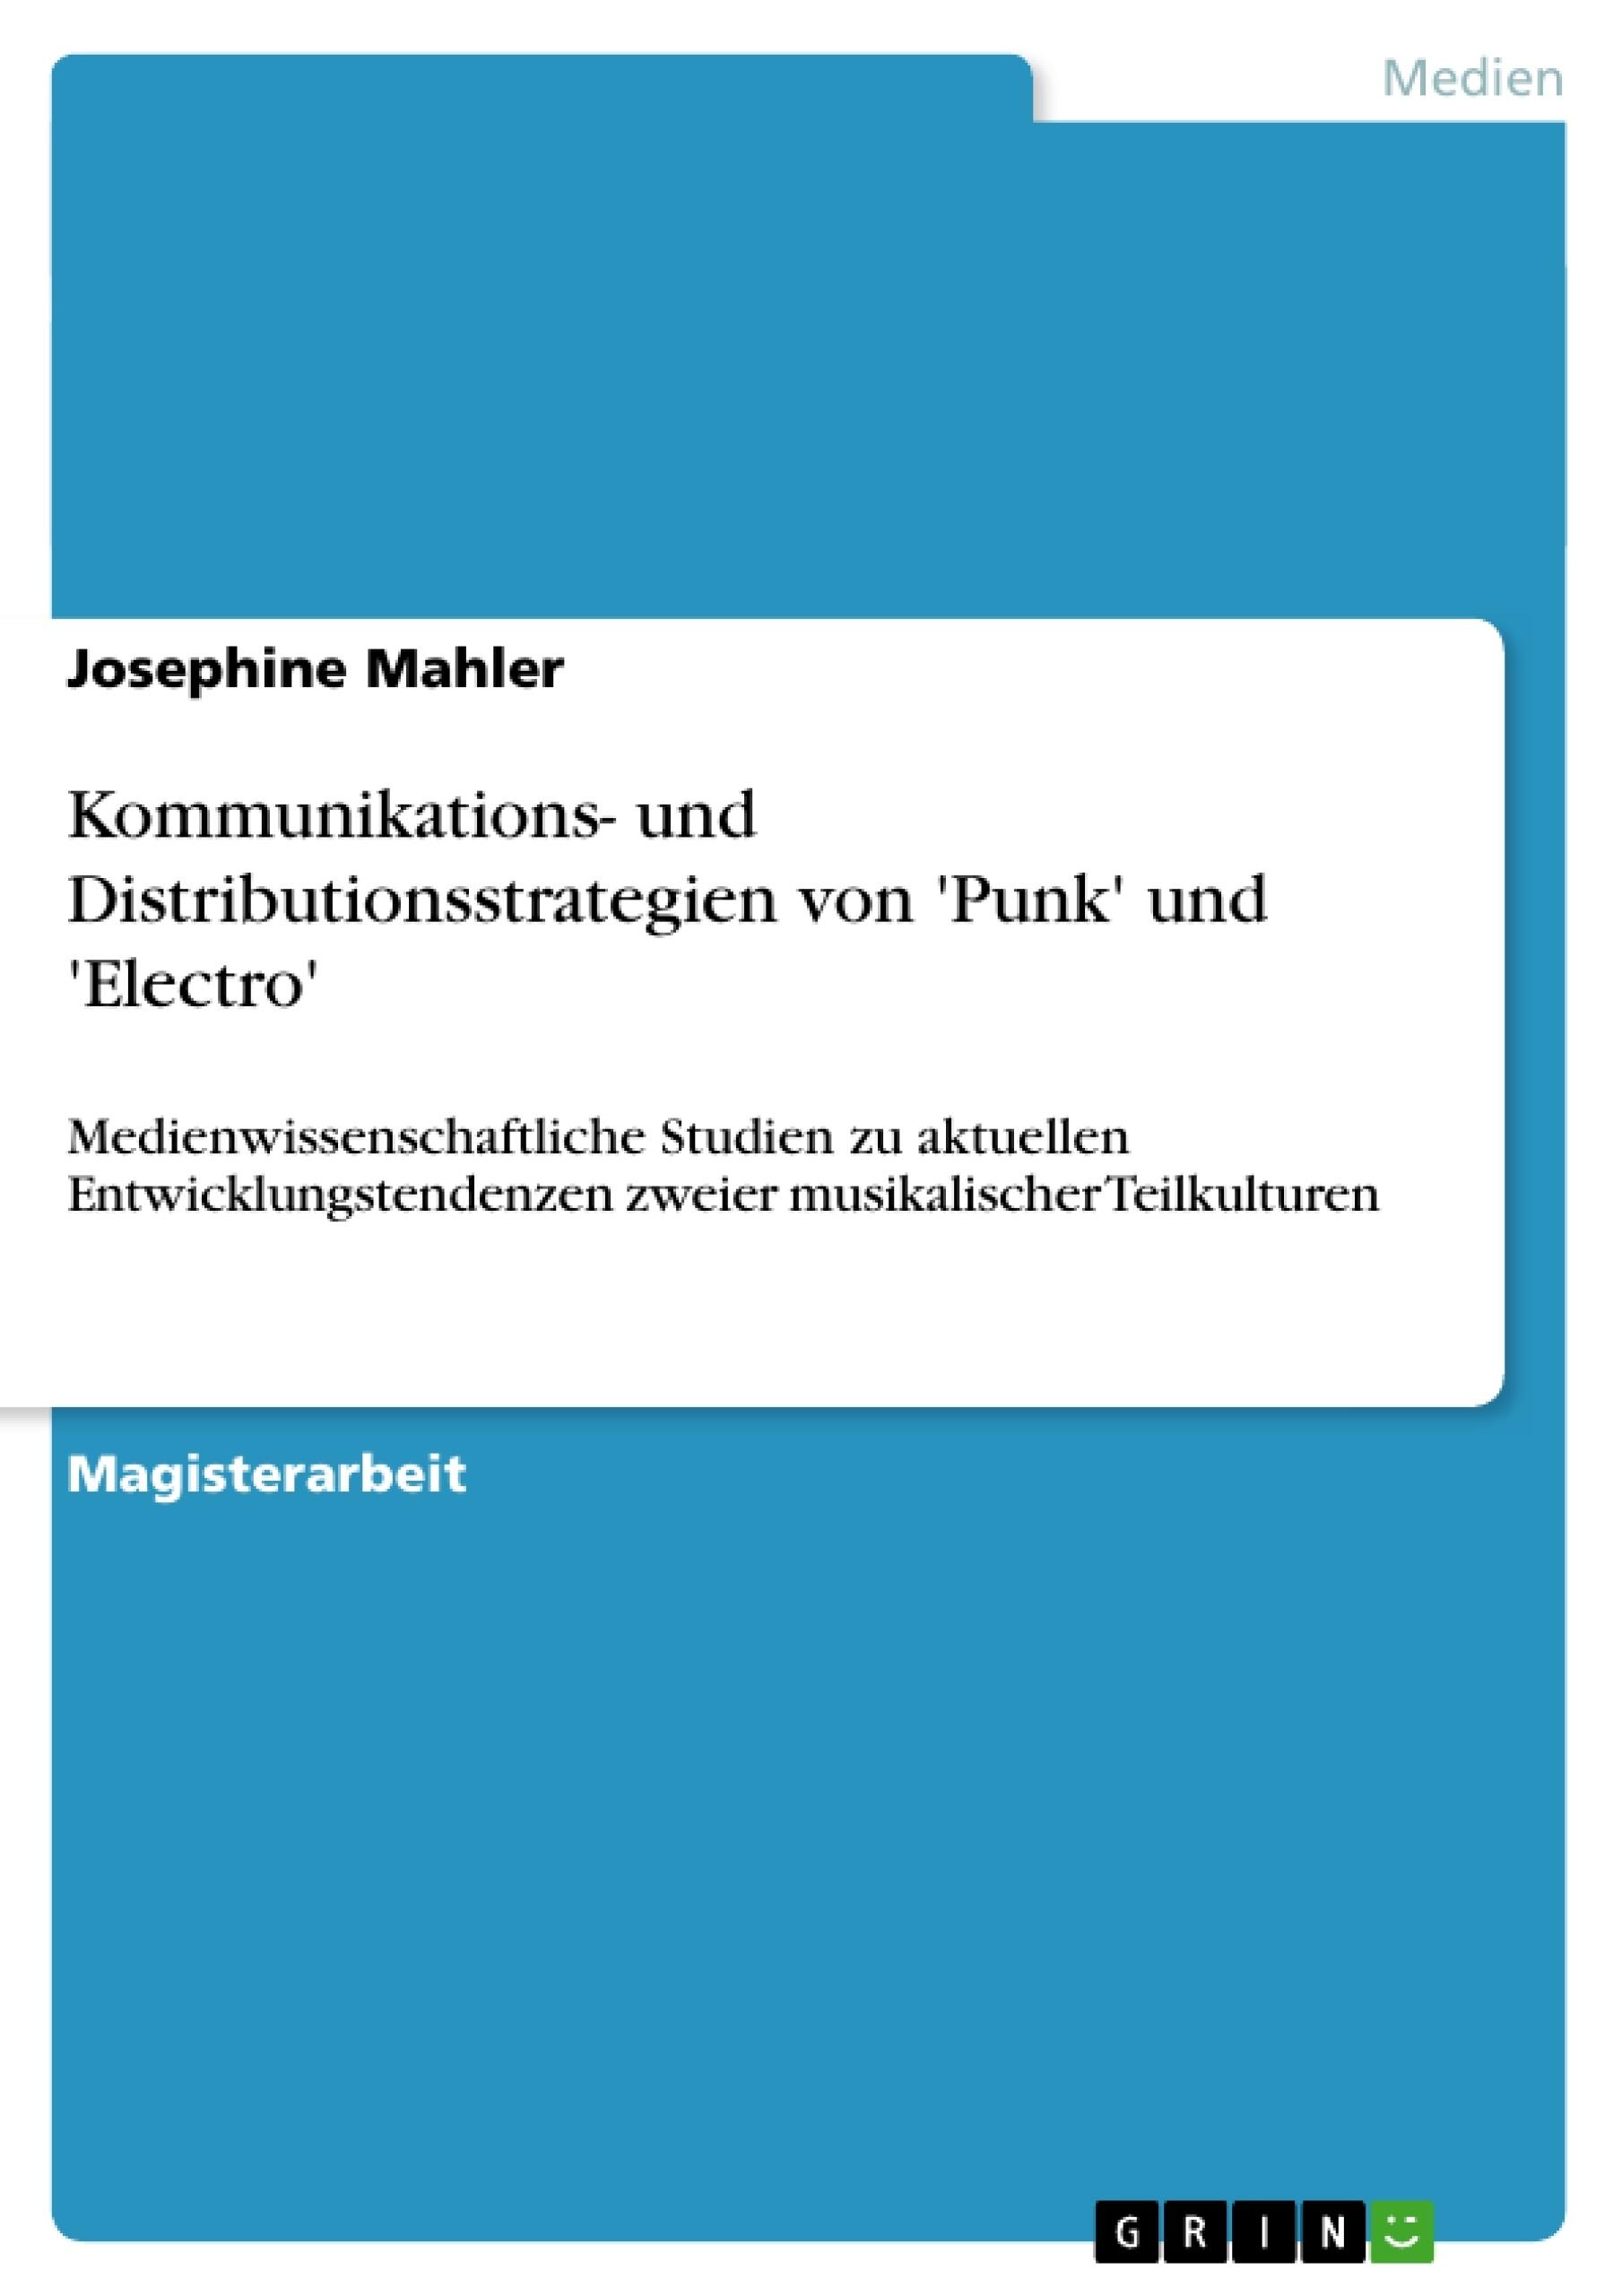 Titel: Kommunikations- und Distributionsstrategien von 'Punk' und 'Electro'